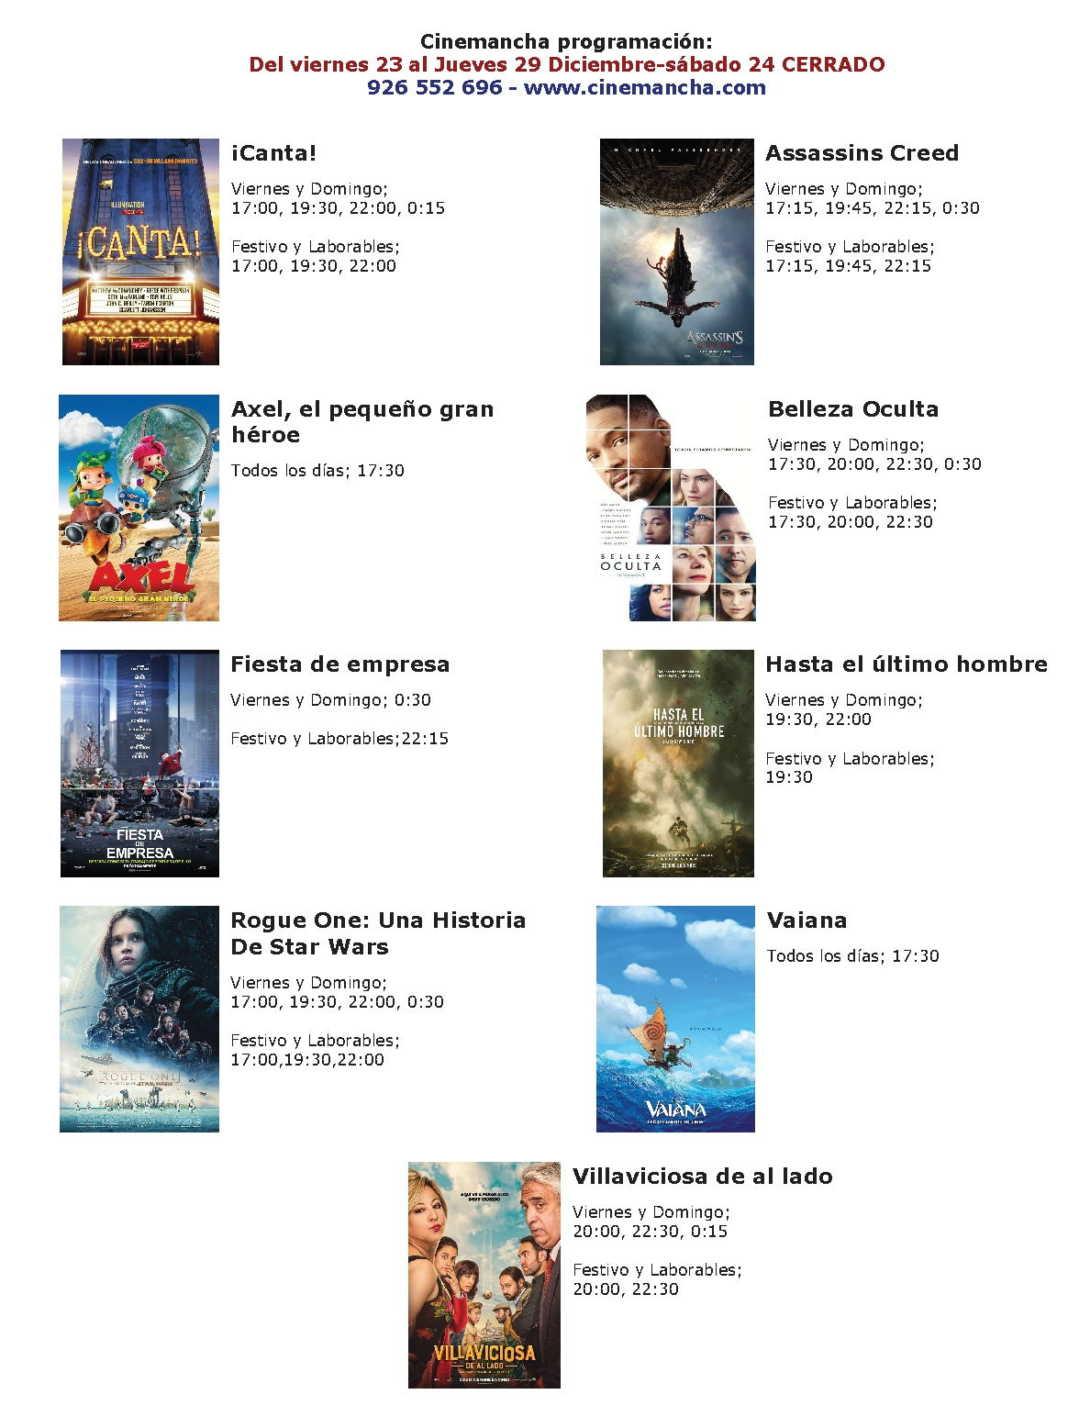 cartelera de multicines cinemancha del 23 al 29 de diciembre 1068x1428 - Cartelera Cinemancha del 23 al 29 de diciembre